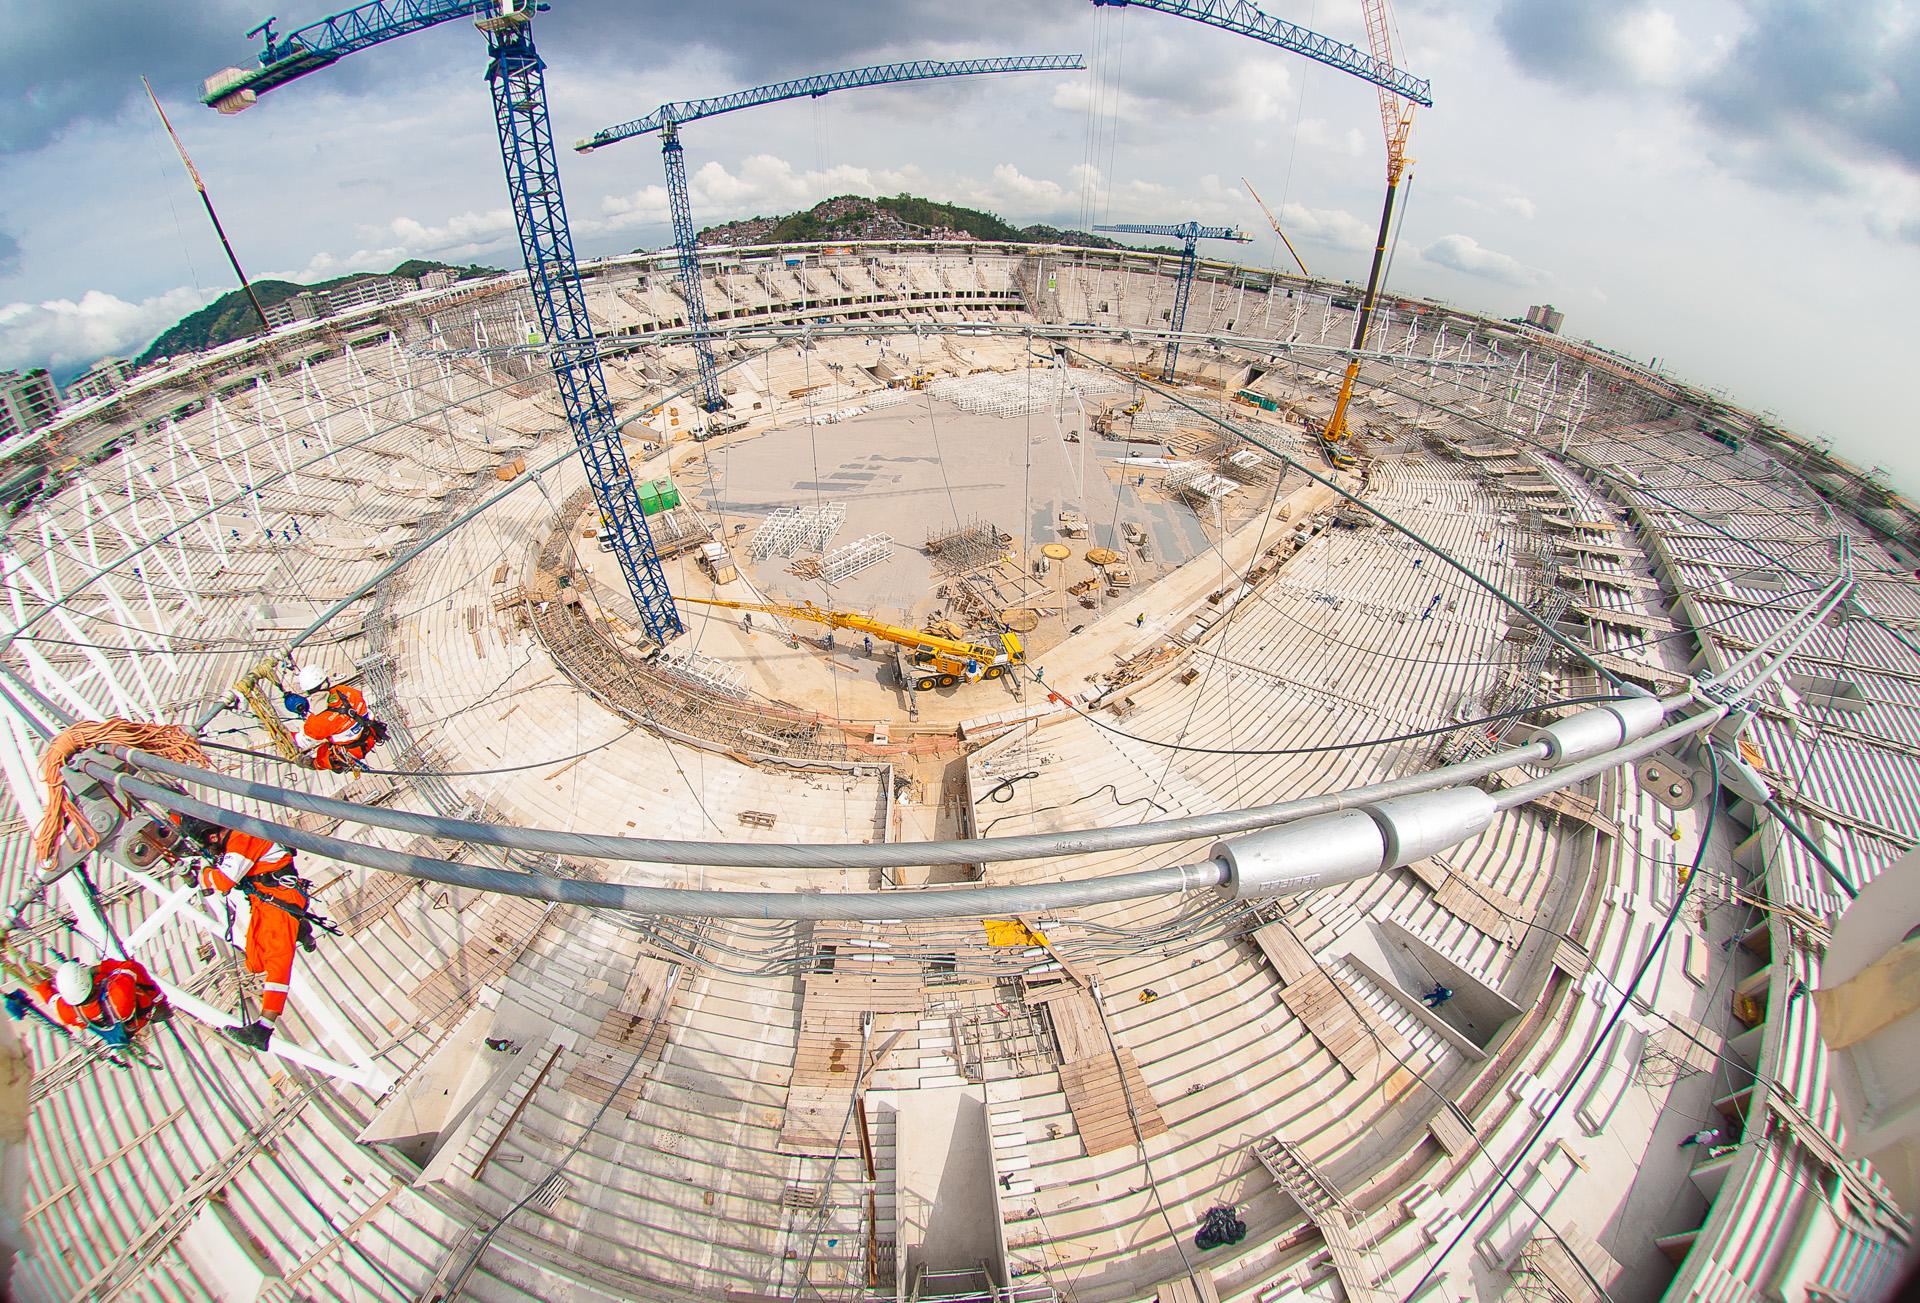 Rio2016 Arquitetura e Obras Olímpicas na cidade do Rio de Janeiro.